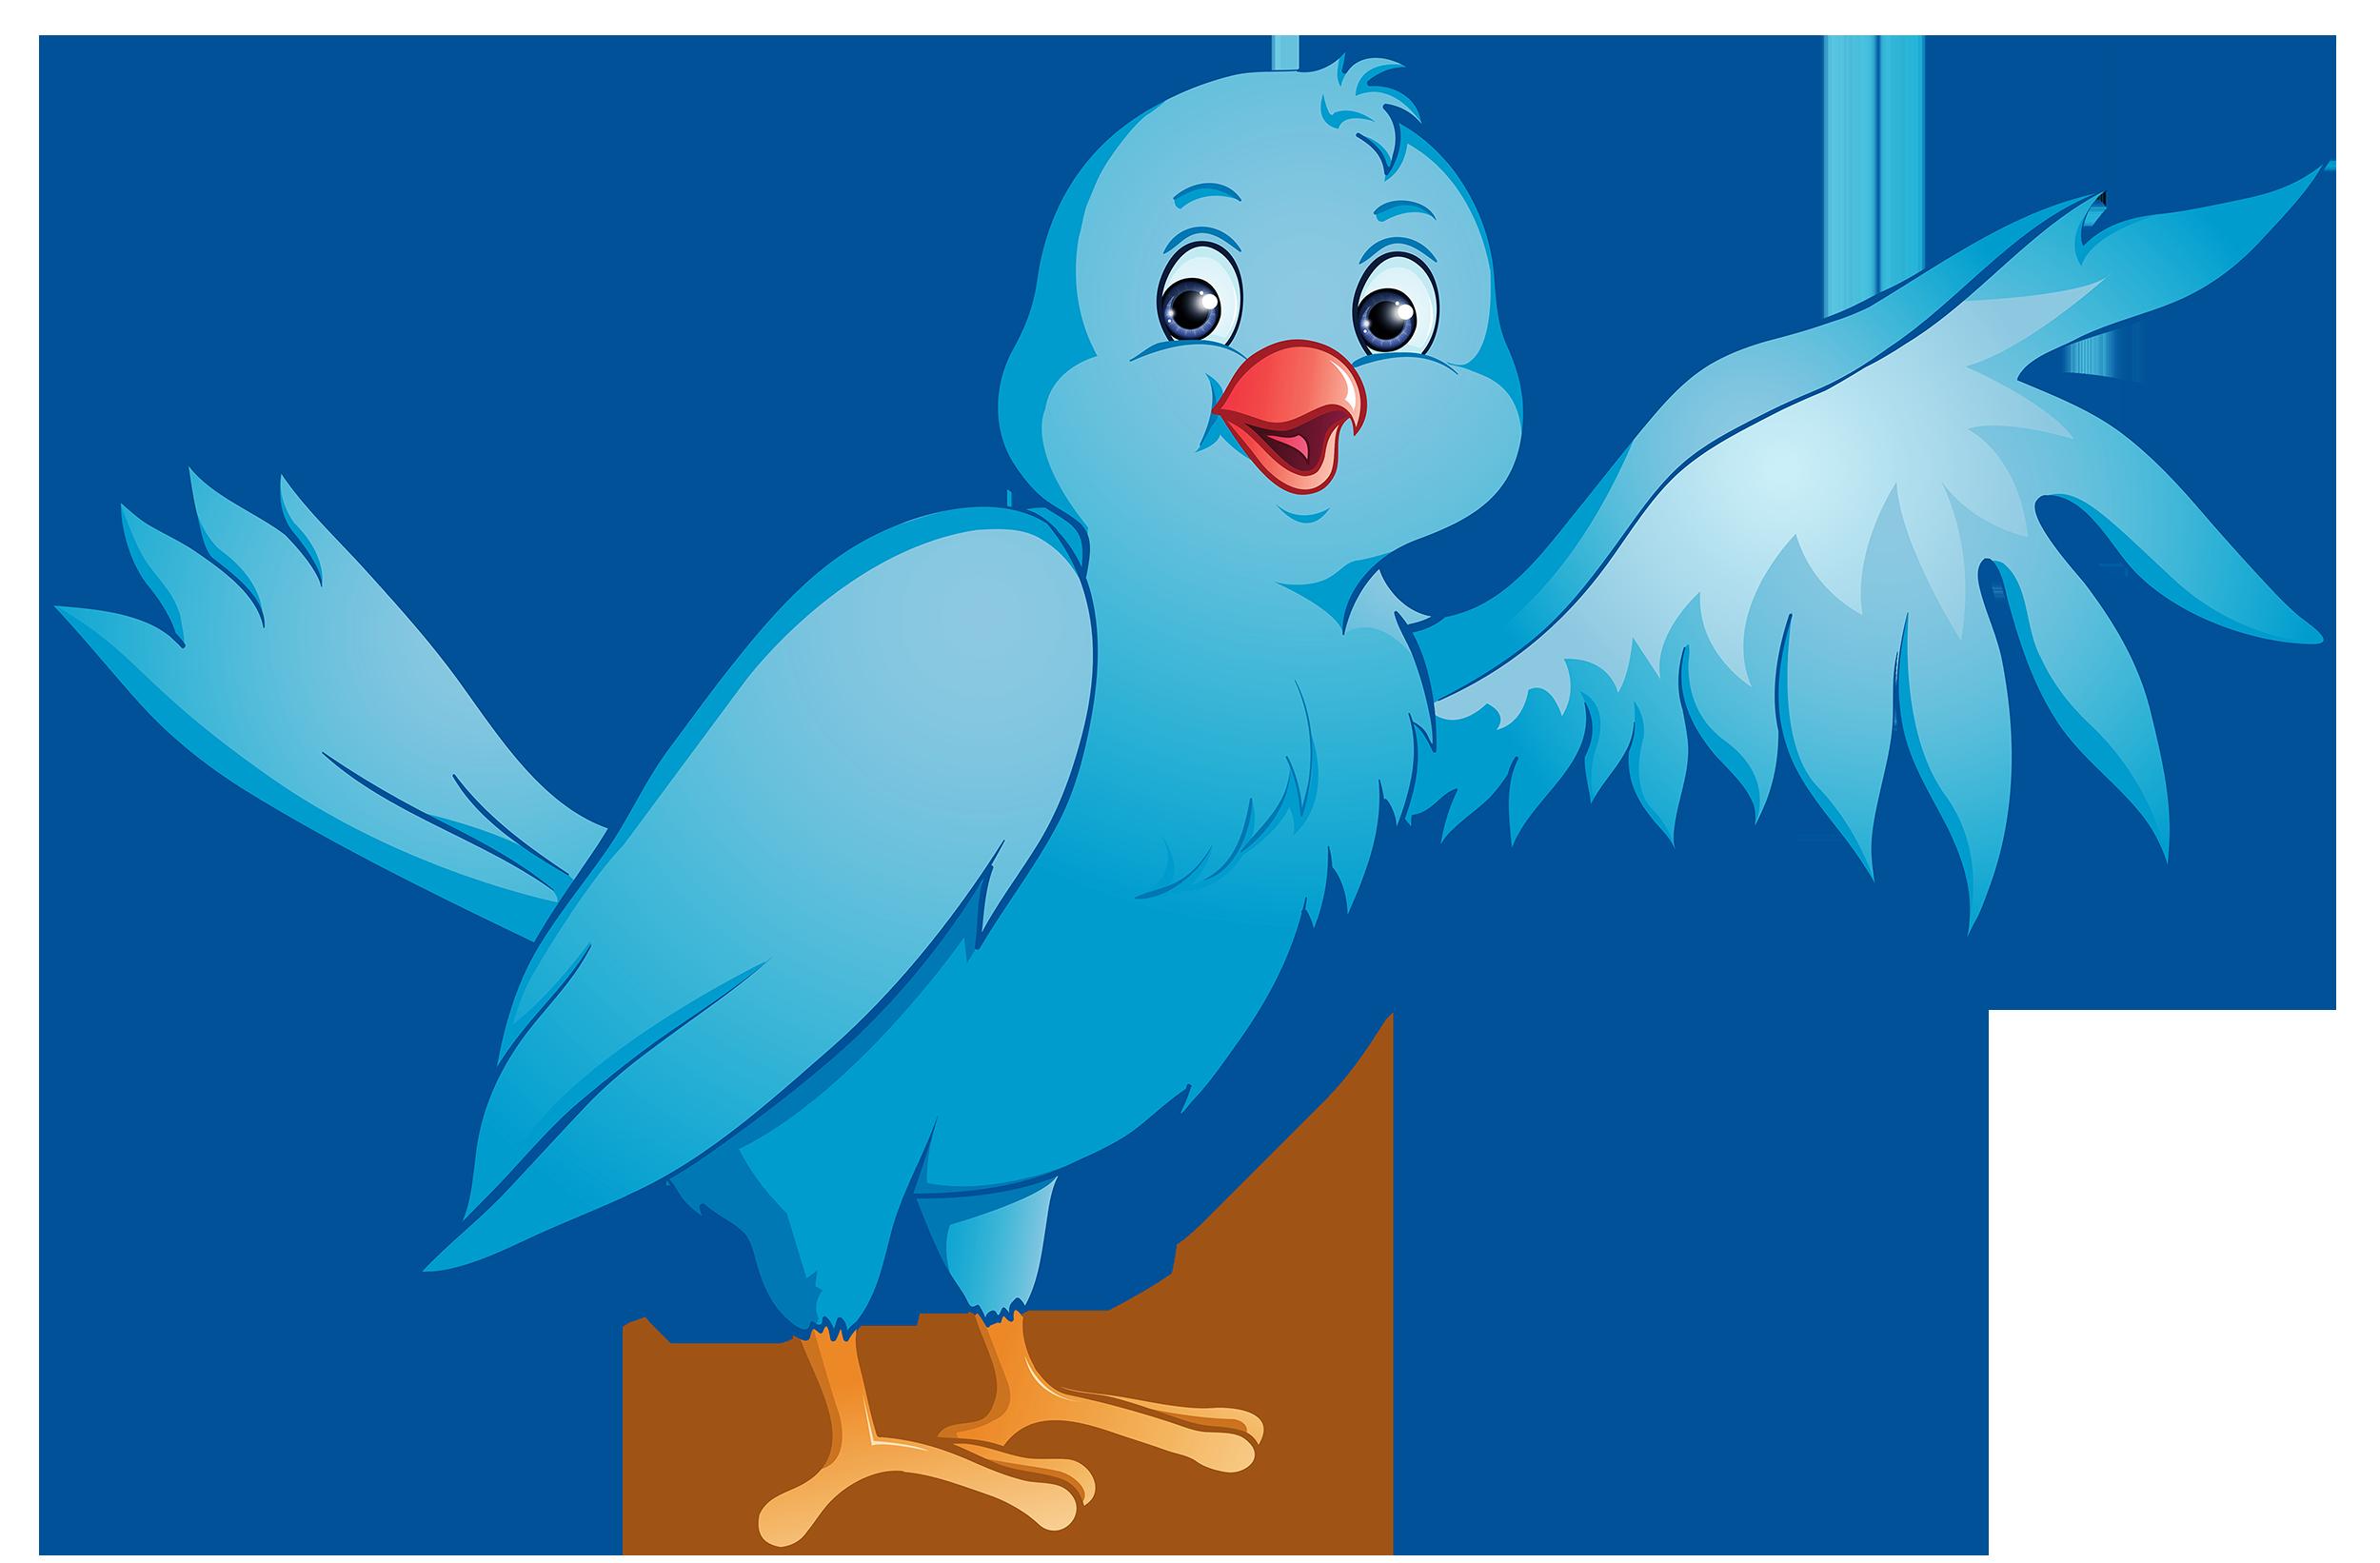 2500x1642 Blue Bird Png Clipart